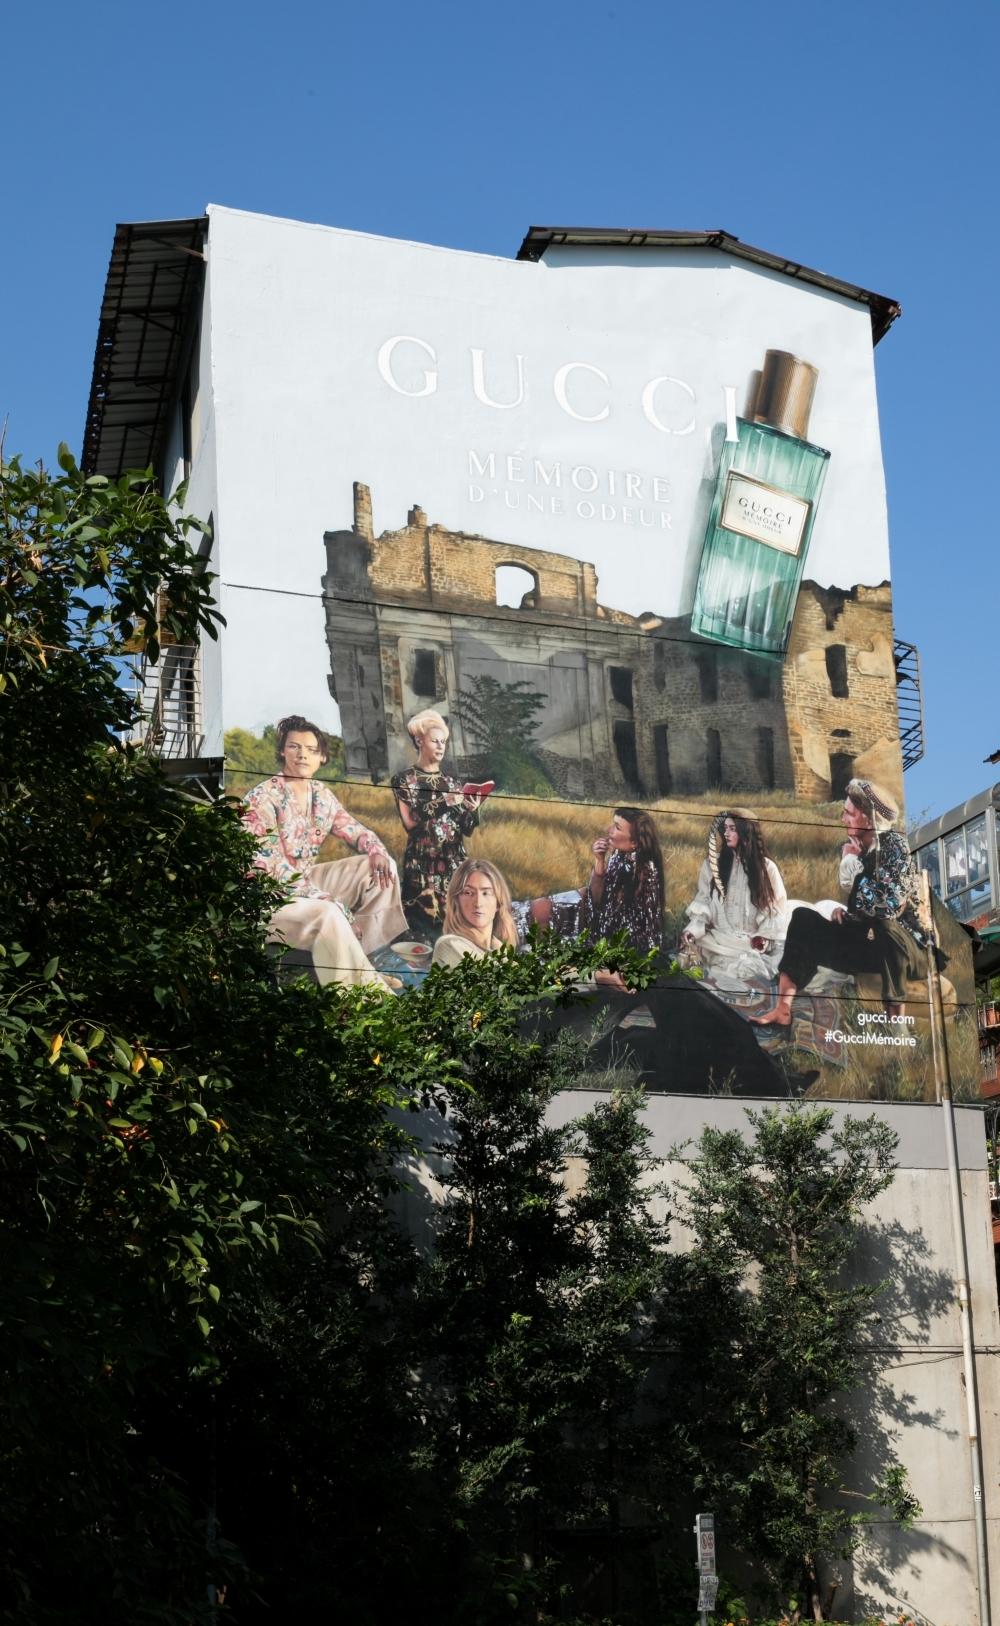 倒數3天快衝一波!Gucci藝術牆即將告別永康街,全系列一次回顧給你